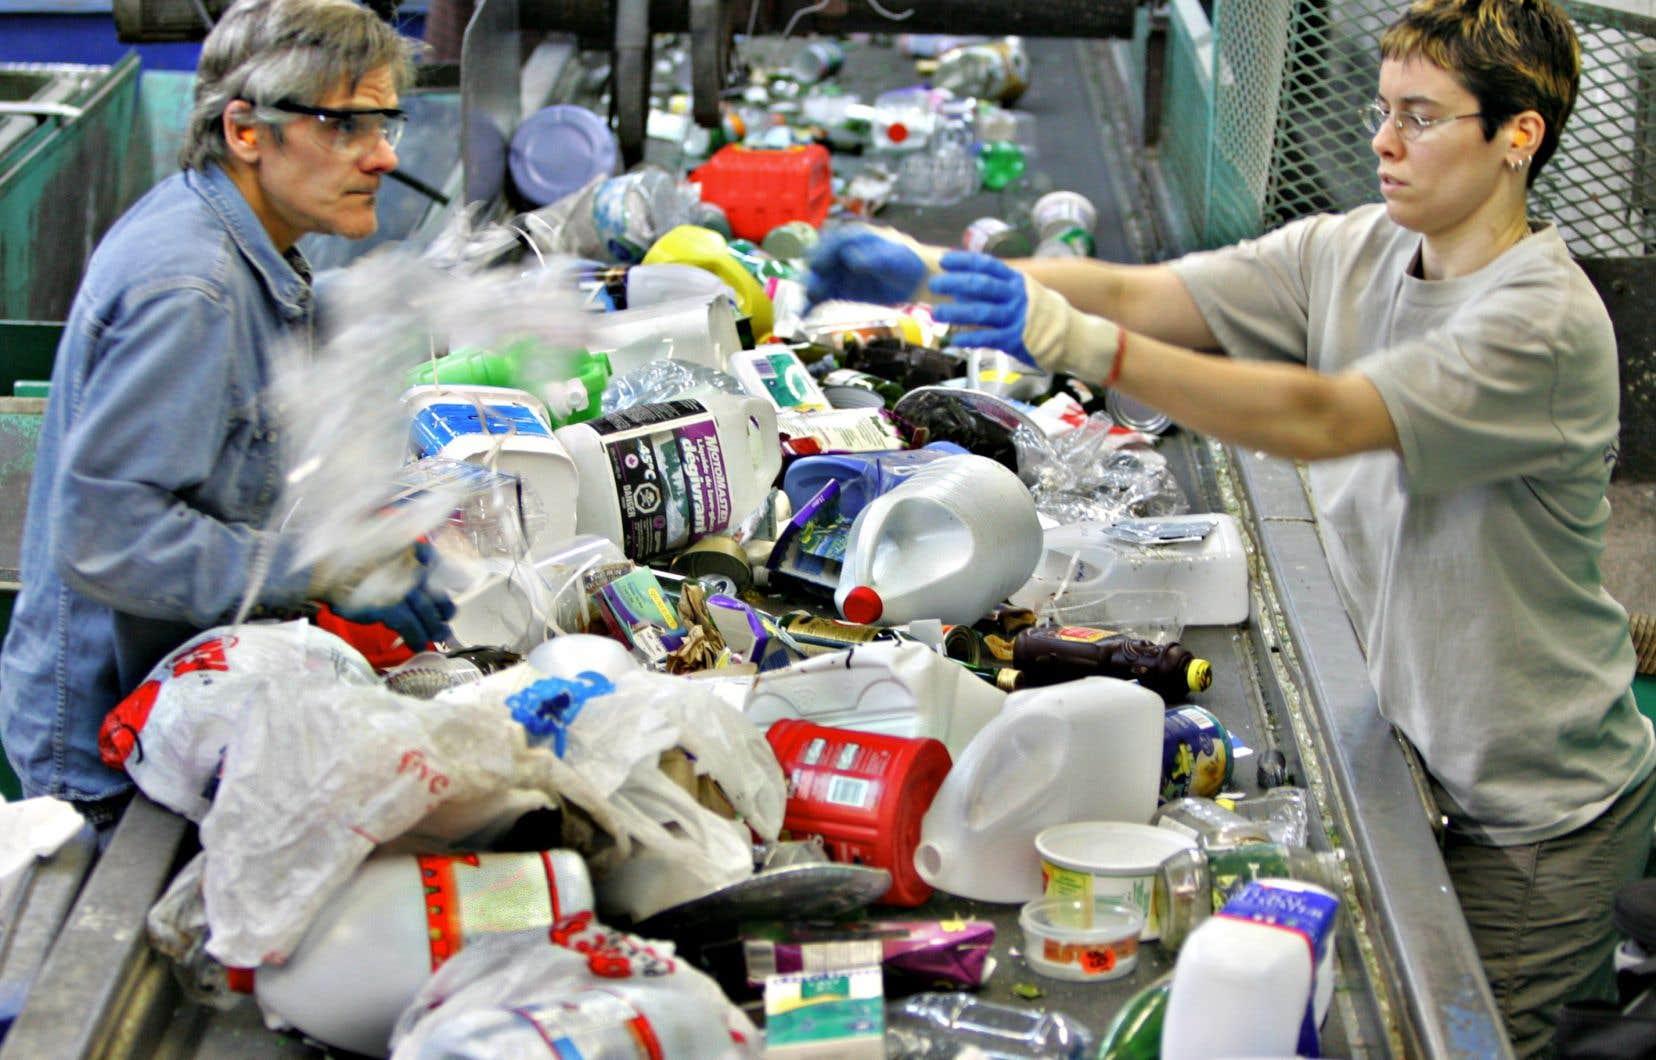 «La raison principale de l'échec du recyclage actuel est qu'il faut trier des millions d'objets selon le type de pétroplastique, leur forme, leur couleur…», affirme l'auteur.